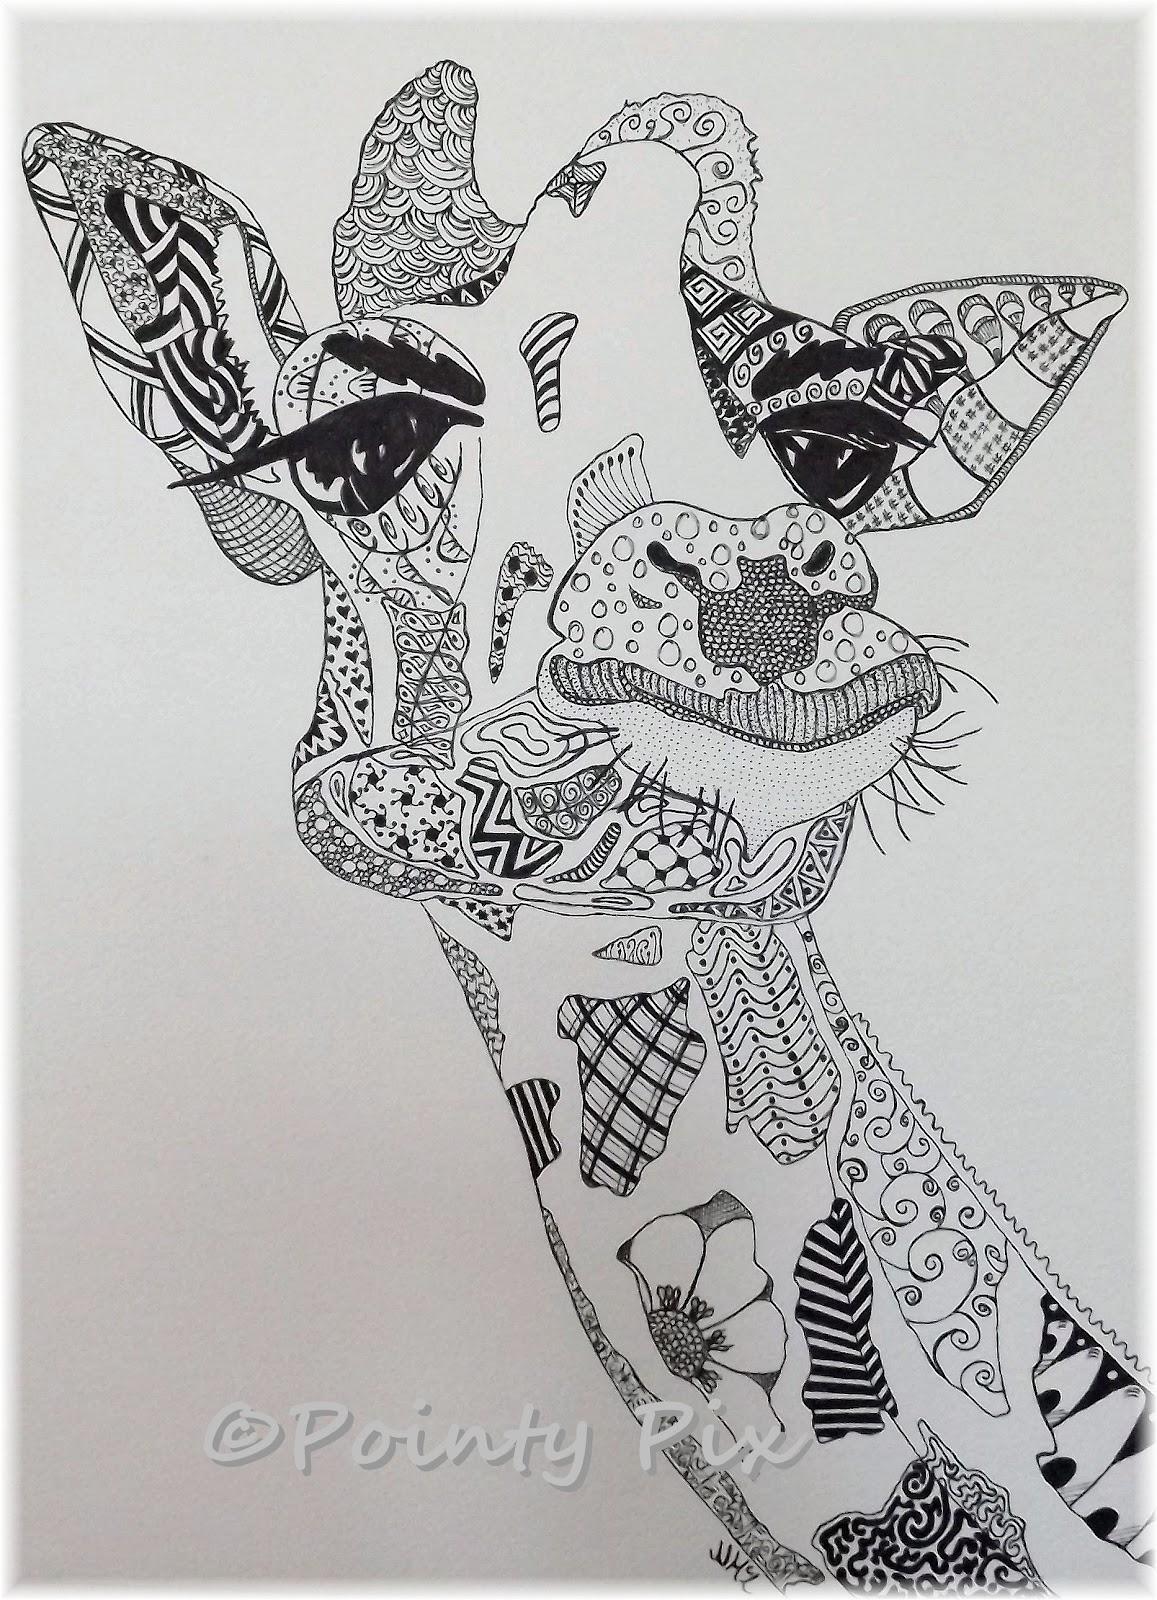 Zentangle ideas on Pinterest